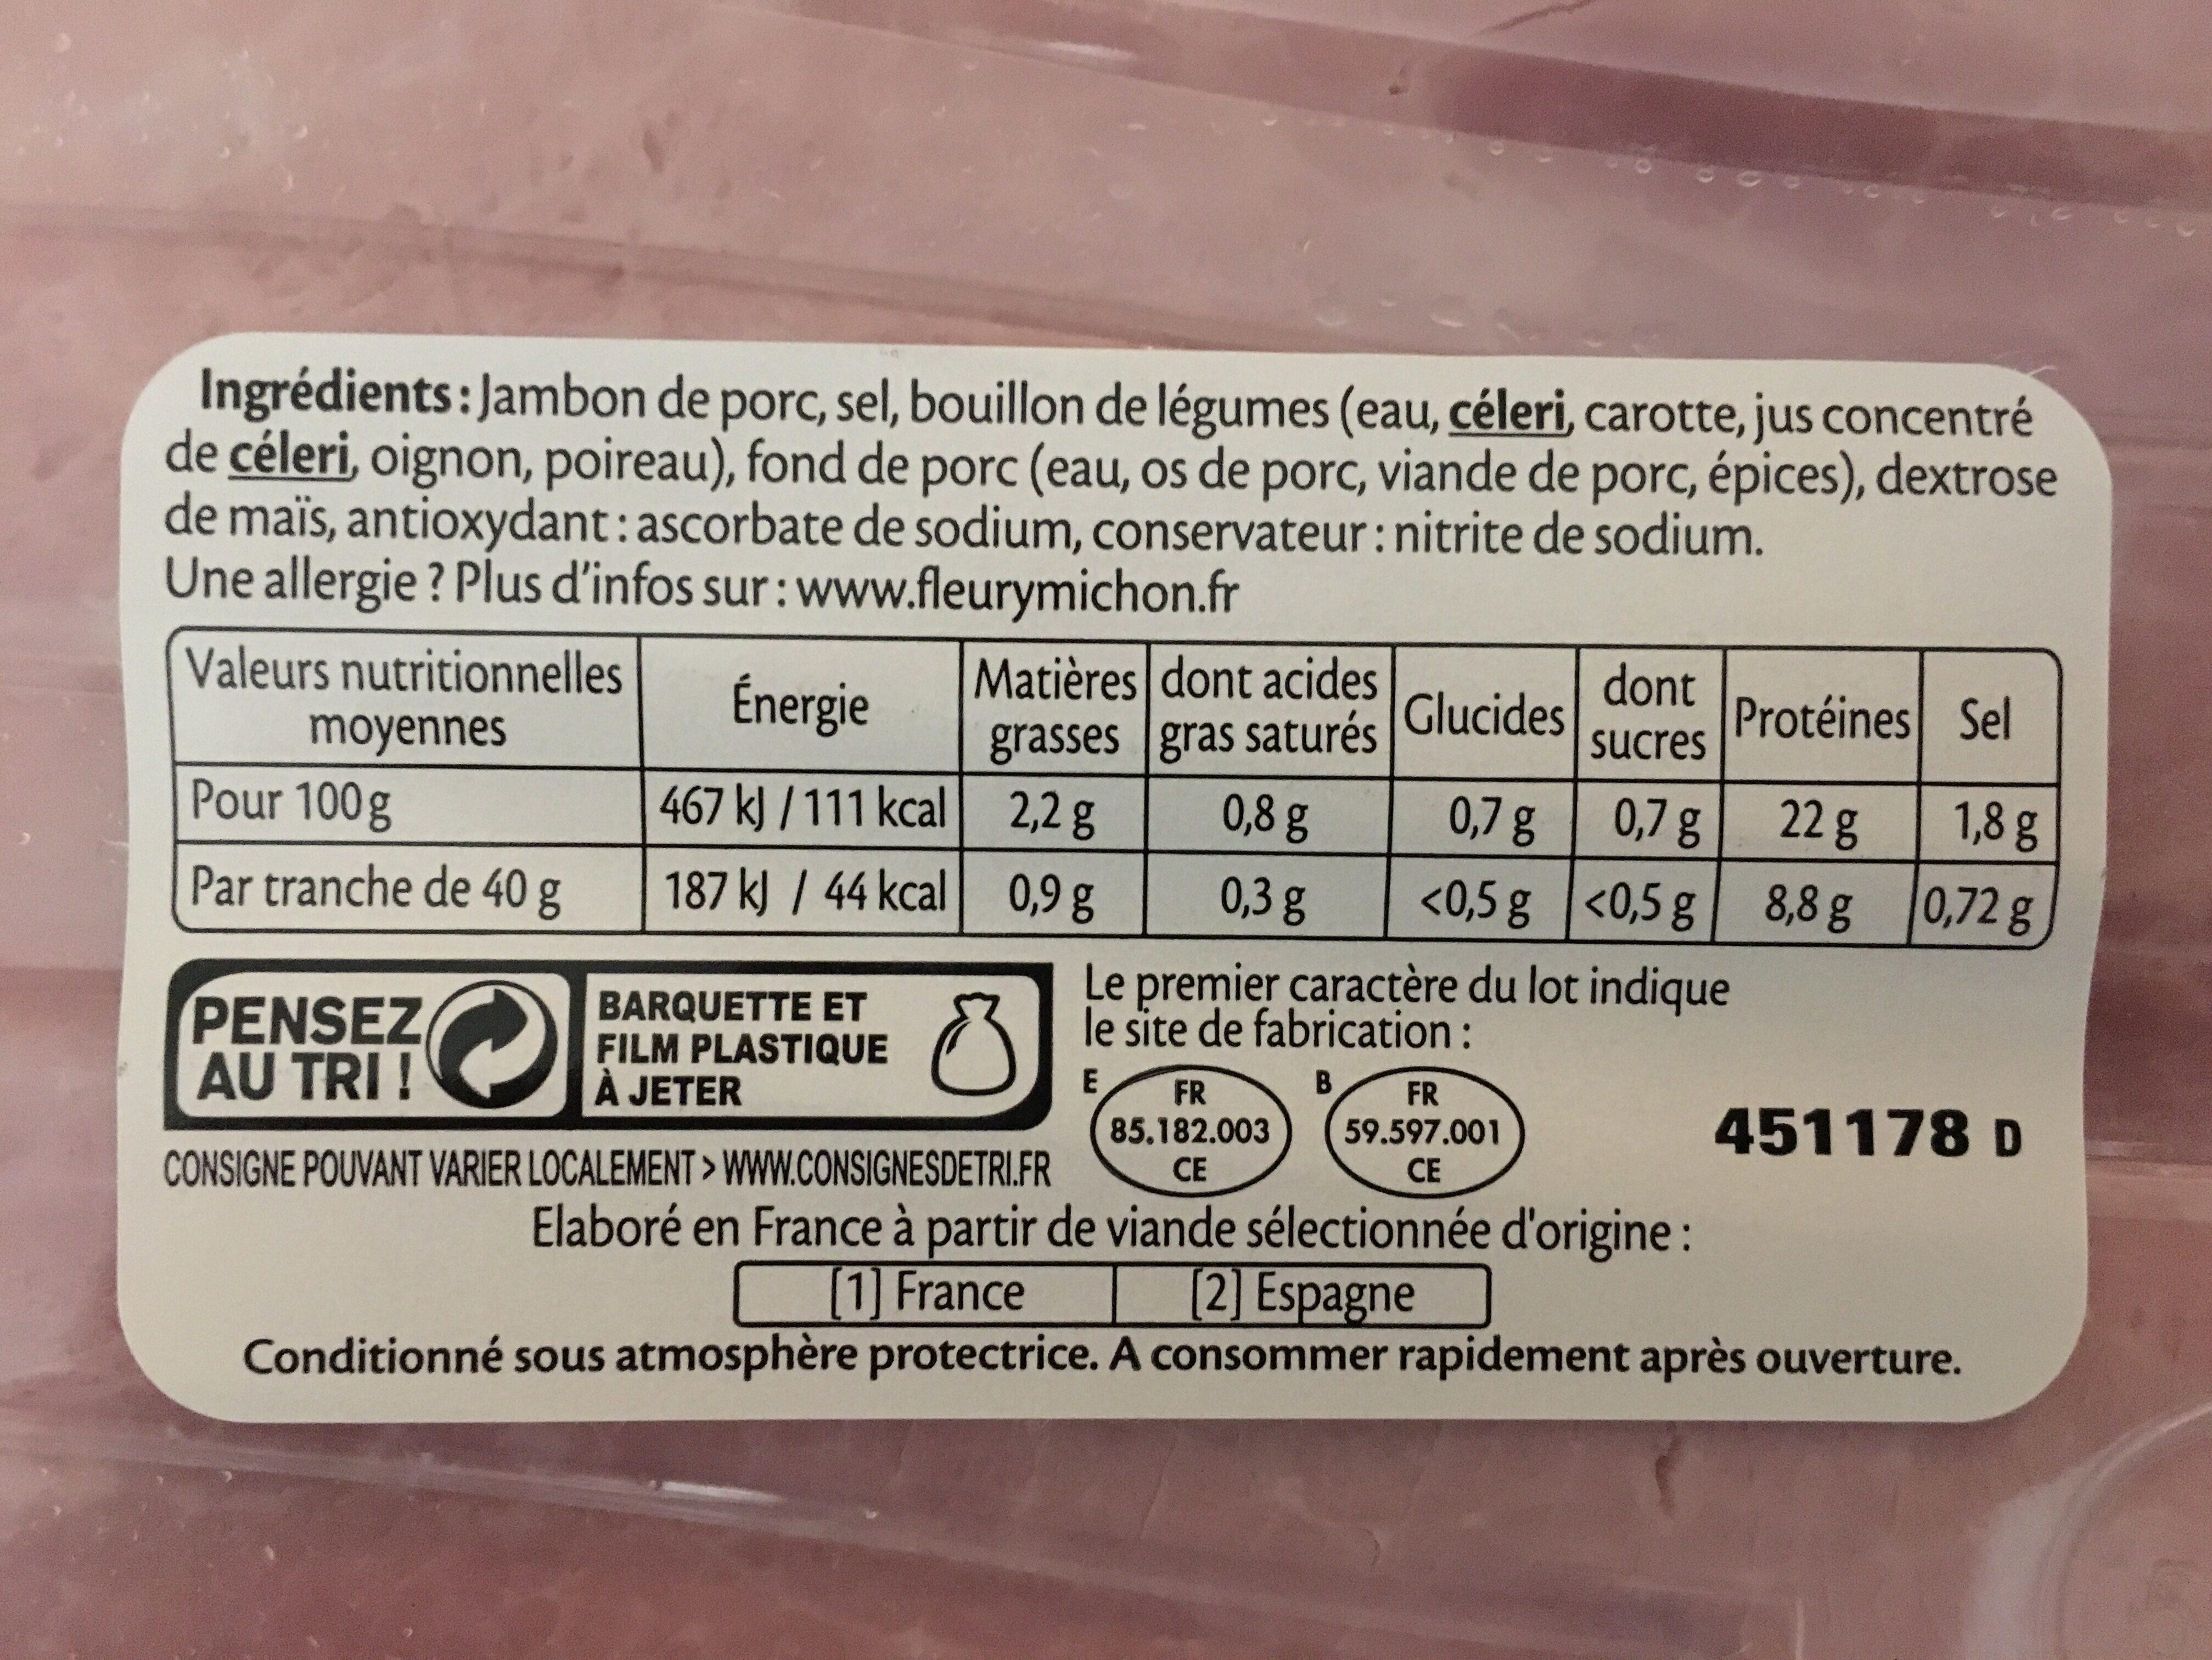 Le supérieur cuit à l'étouffée - Ingredients